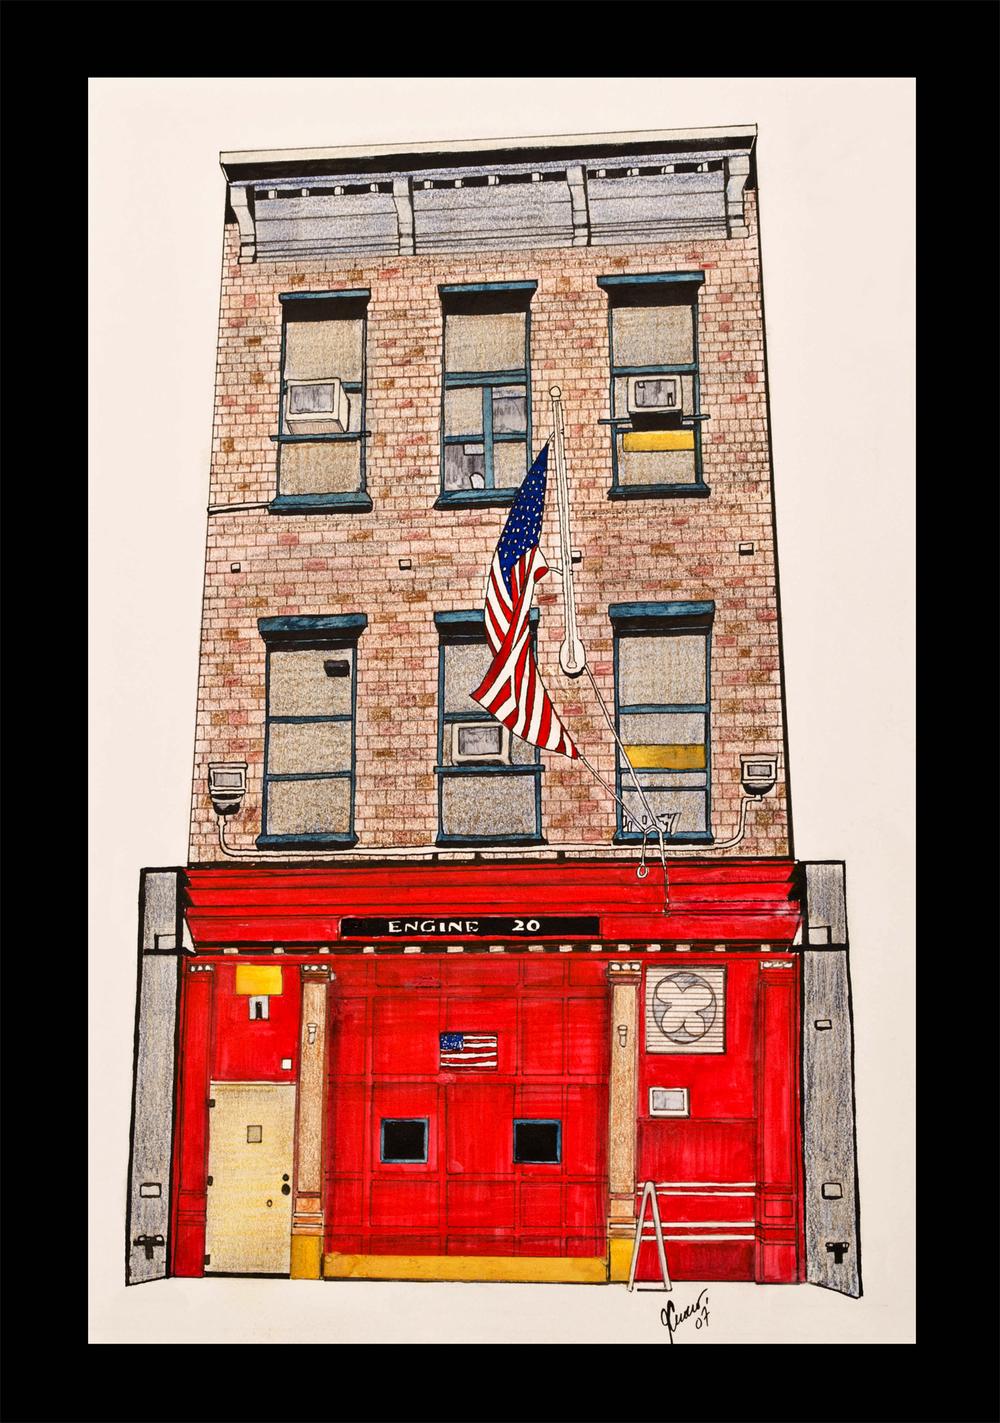 NYFD STATION #20